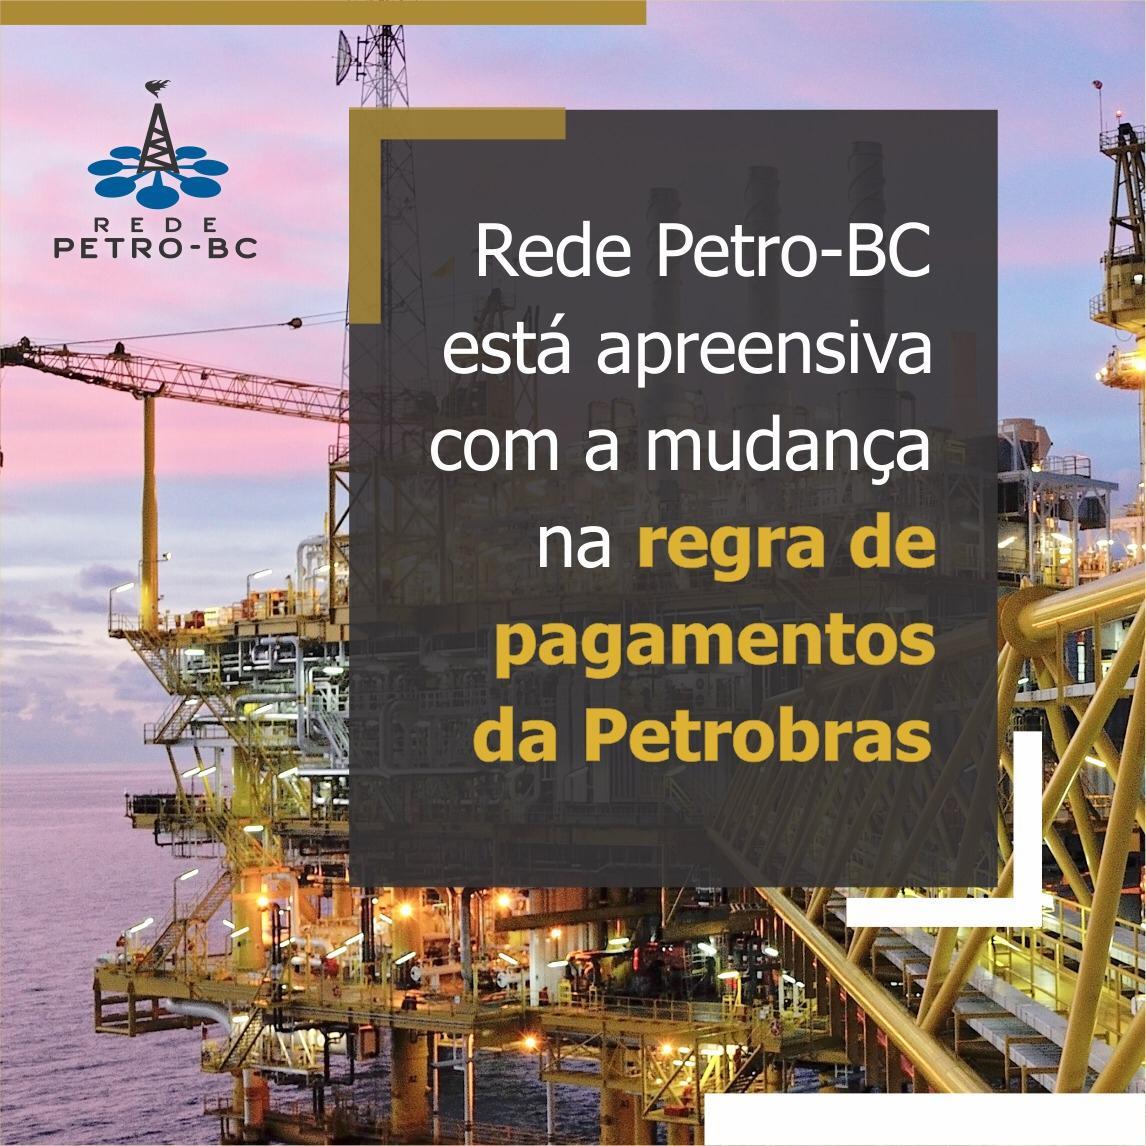 Rede Petro-BC apreensiva com Petrobras mudando a regra de pagamentos